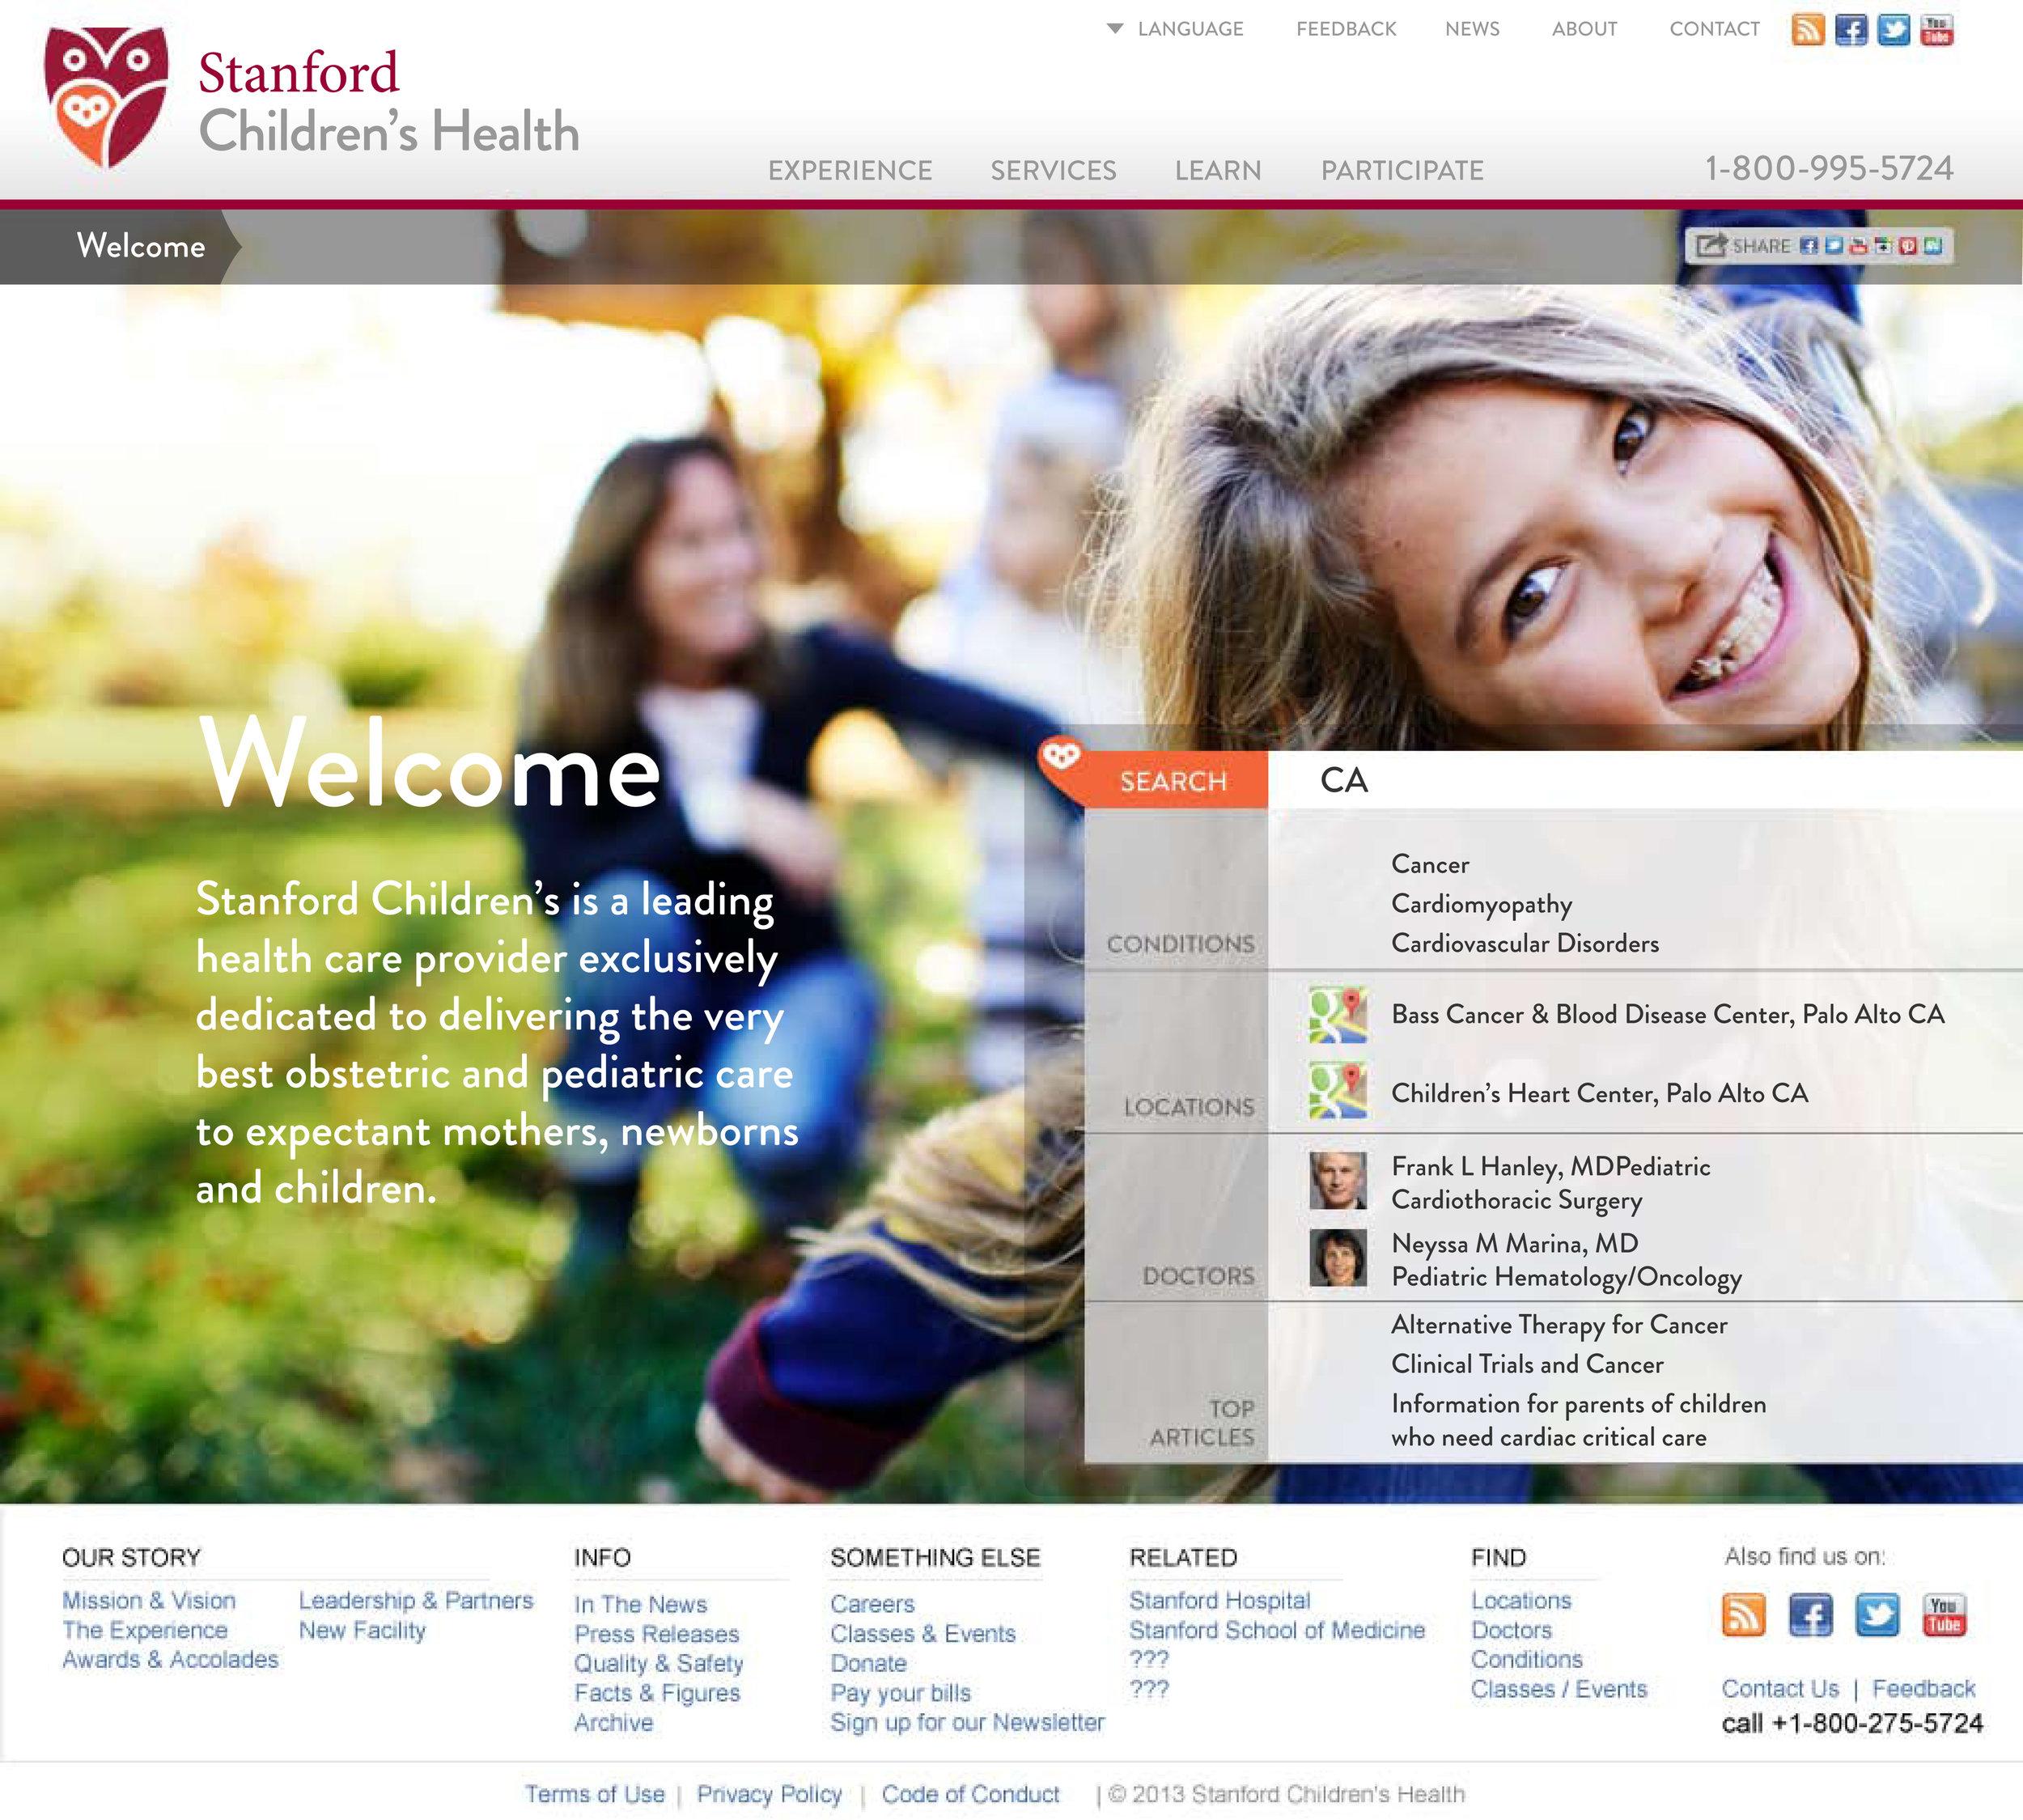 Stanford Children's Health Website Wayfinding